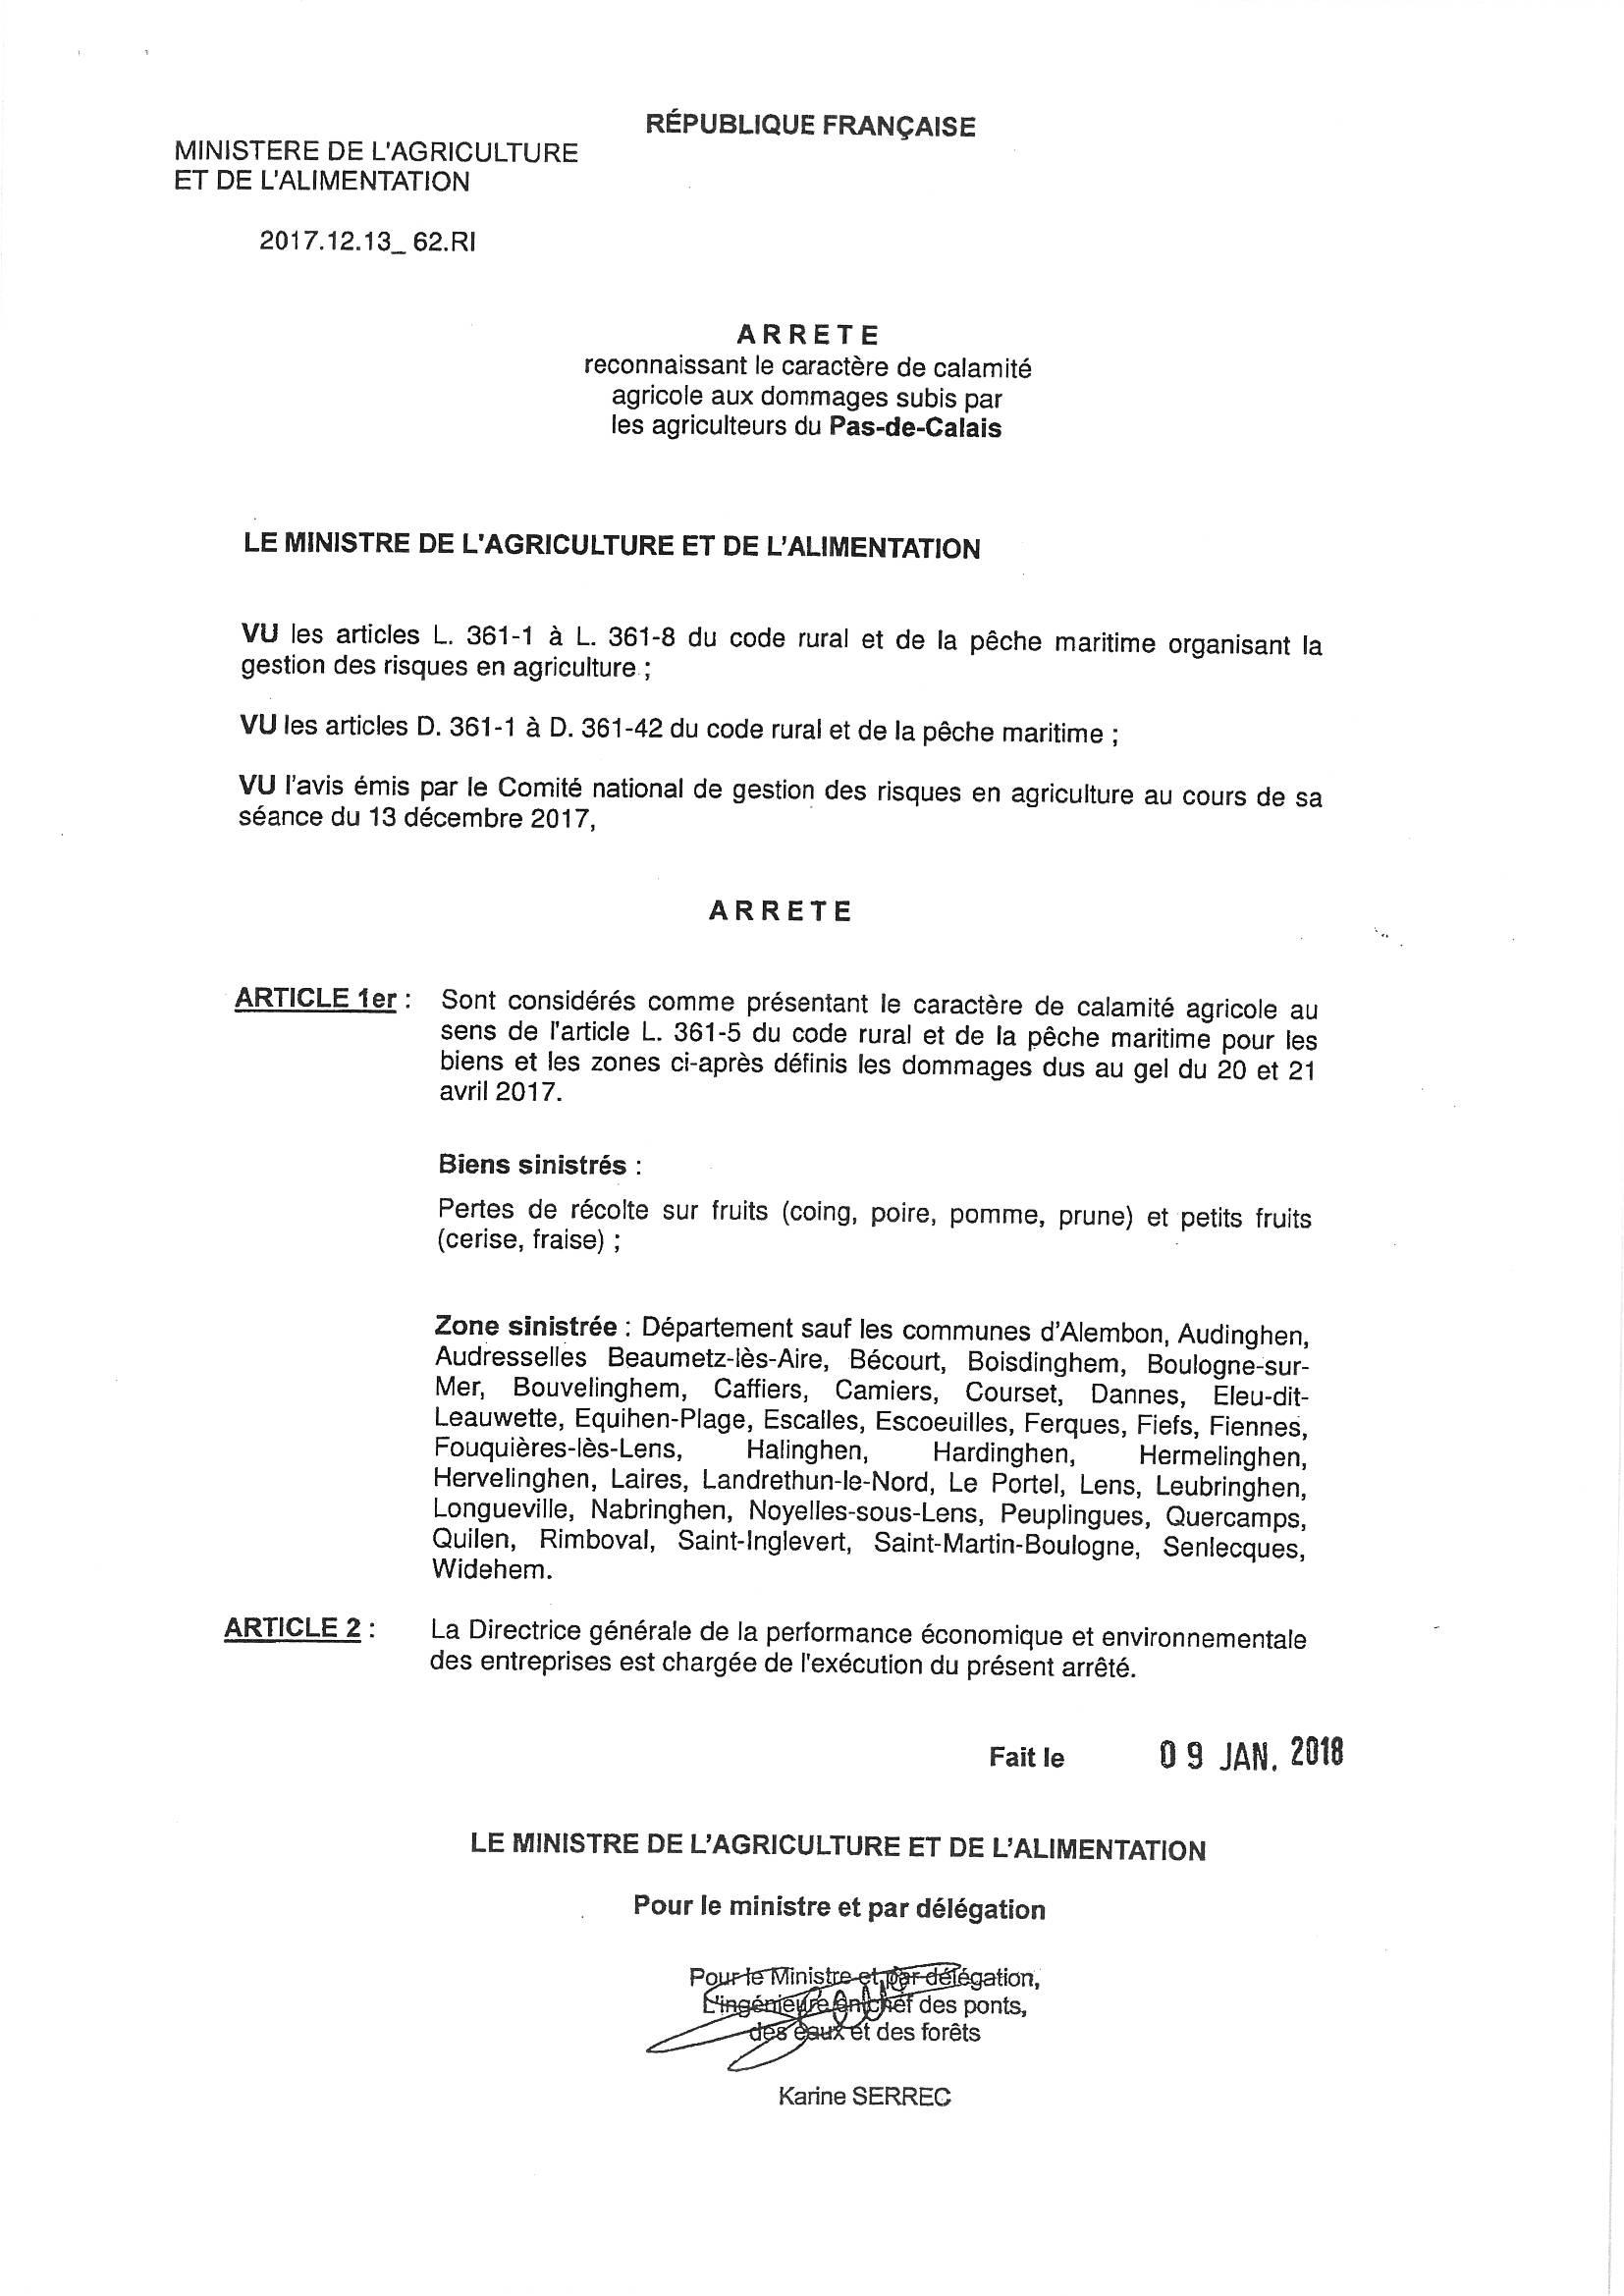 calamites agricoles_002.jpg